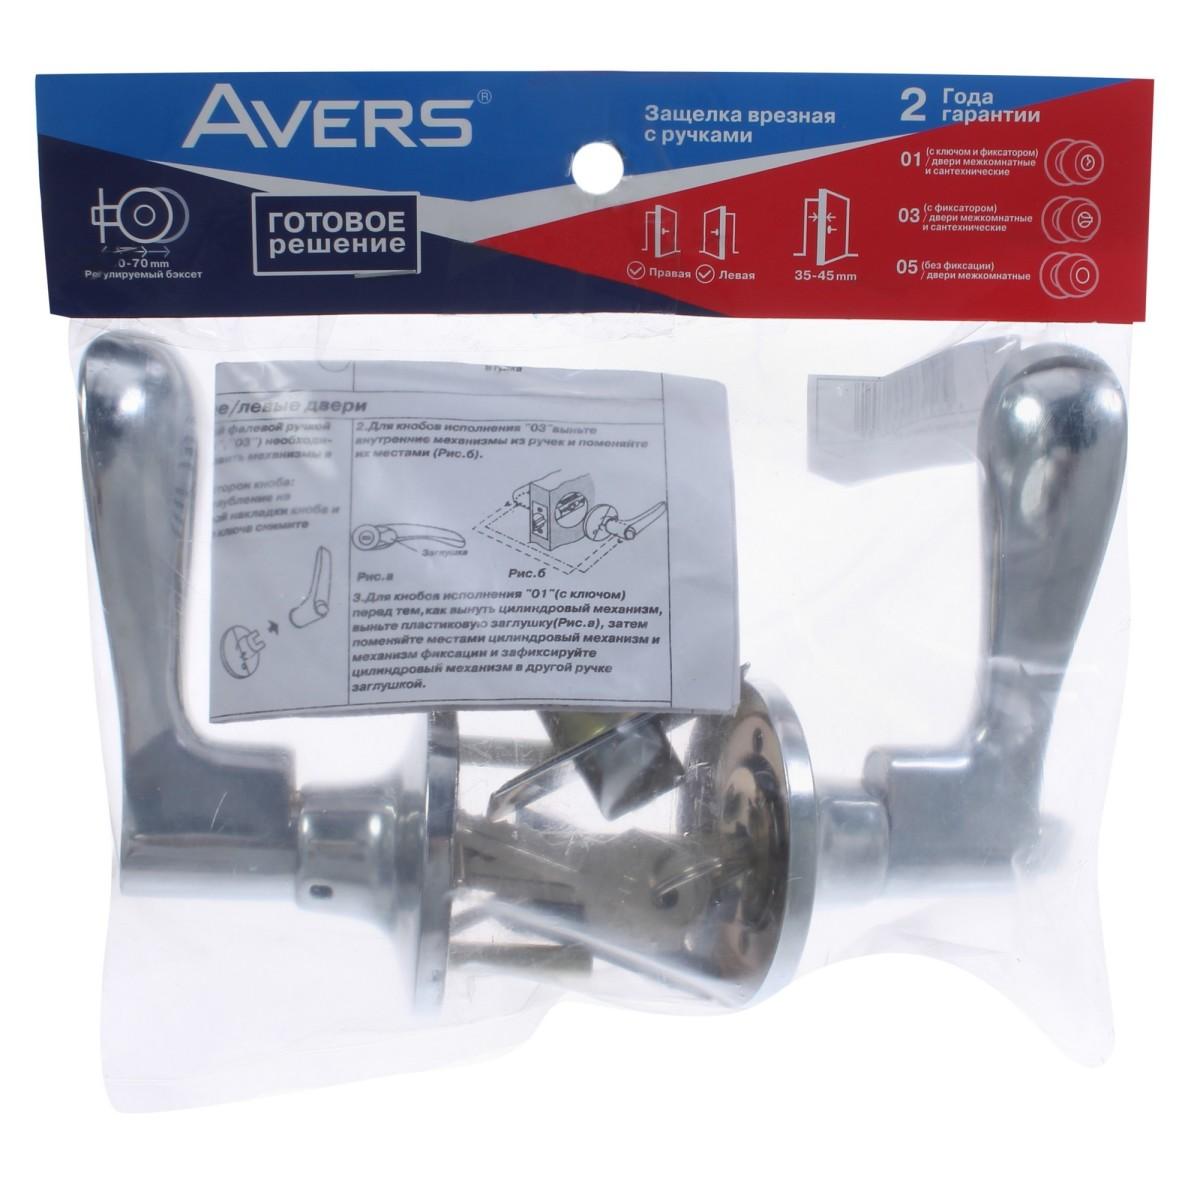 Ручка-Защёлка Avers 8091-01-Cr С Ключом И Фиксатором Сталь Цвет Хром